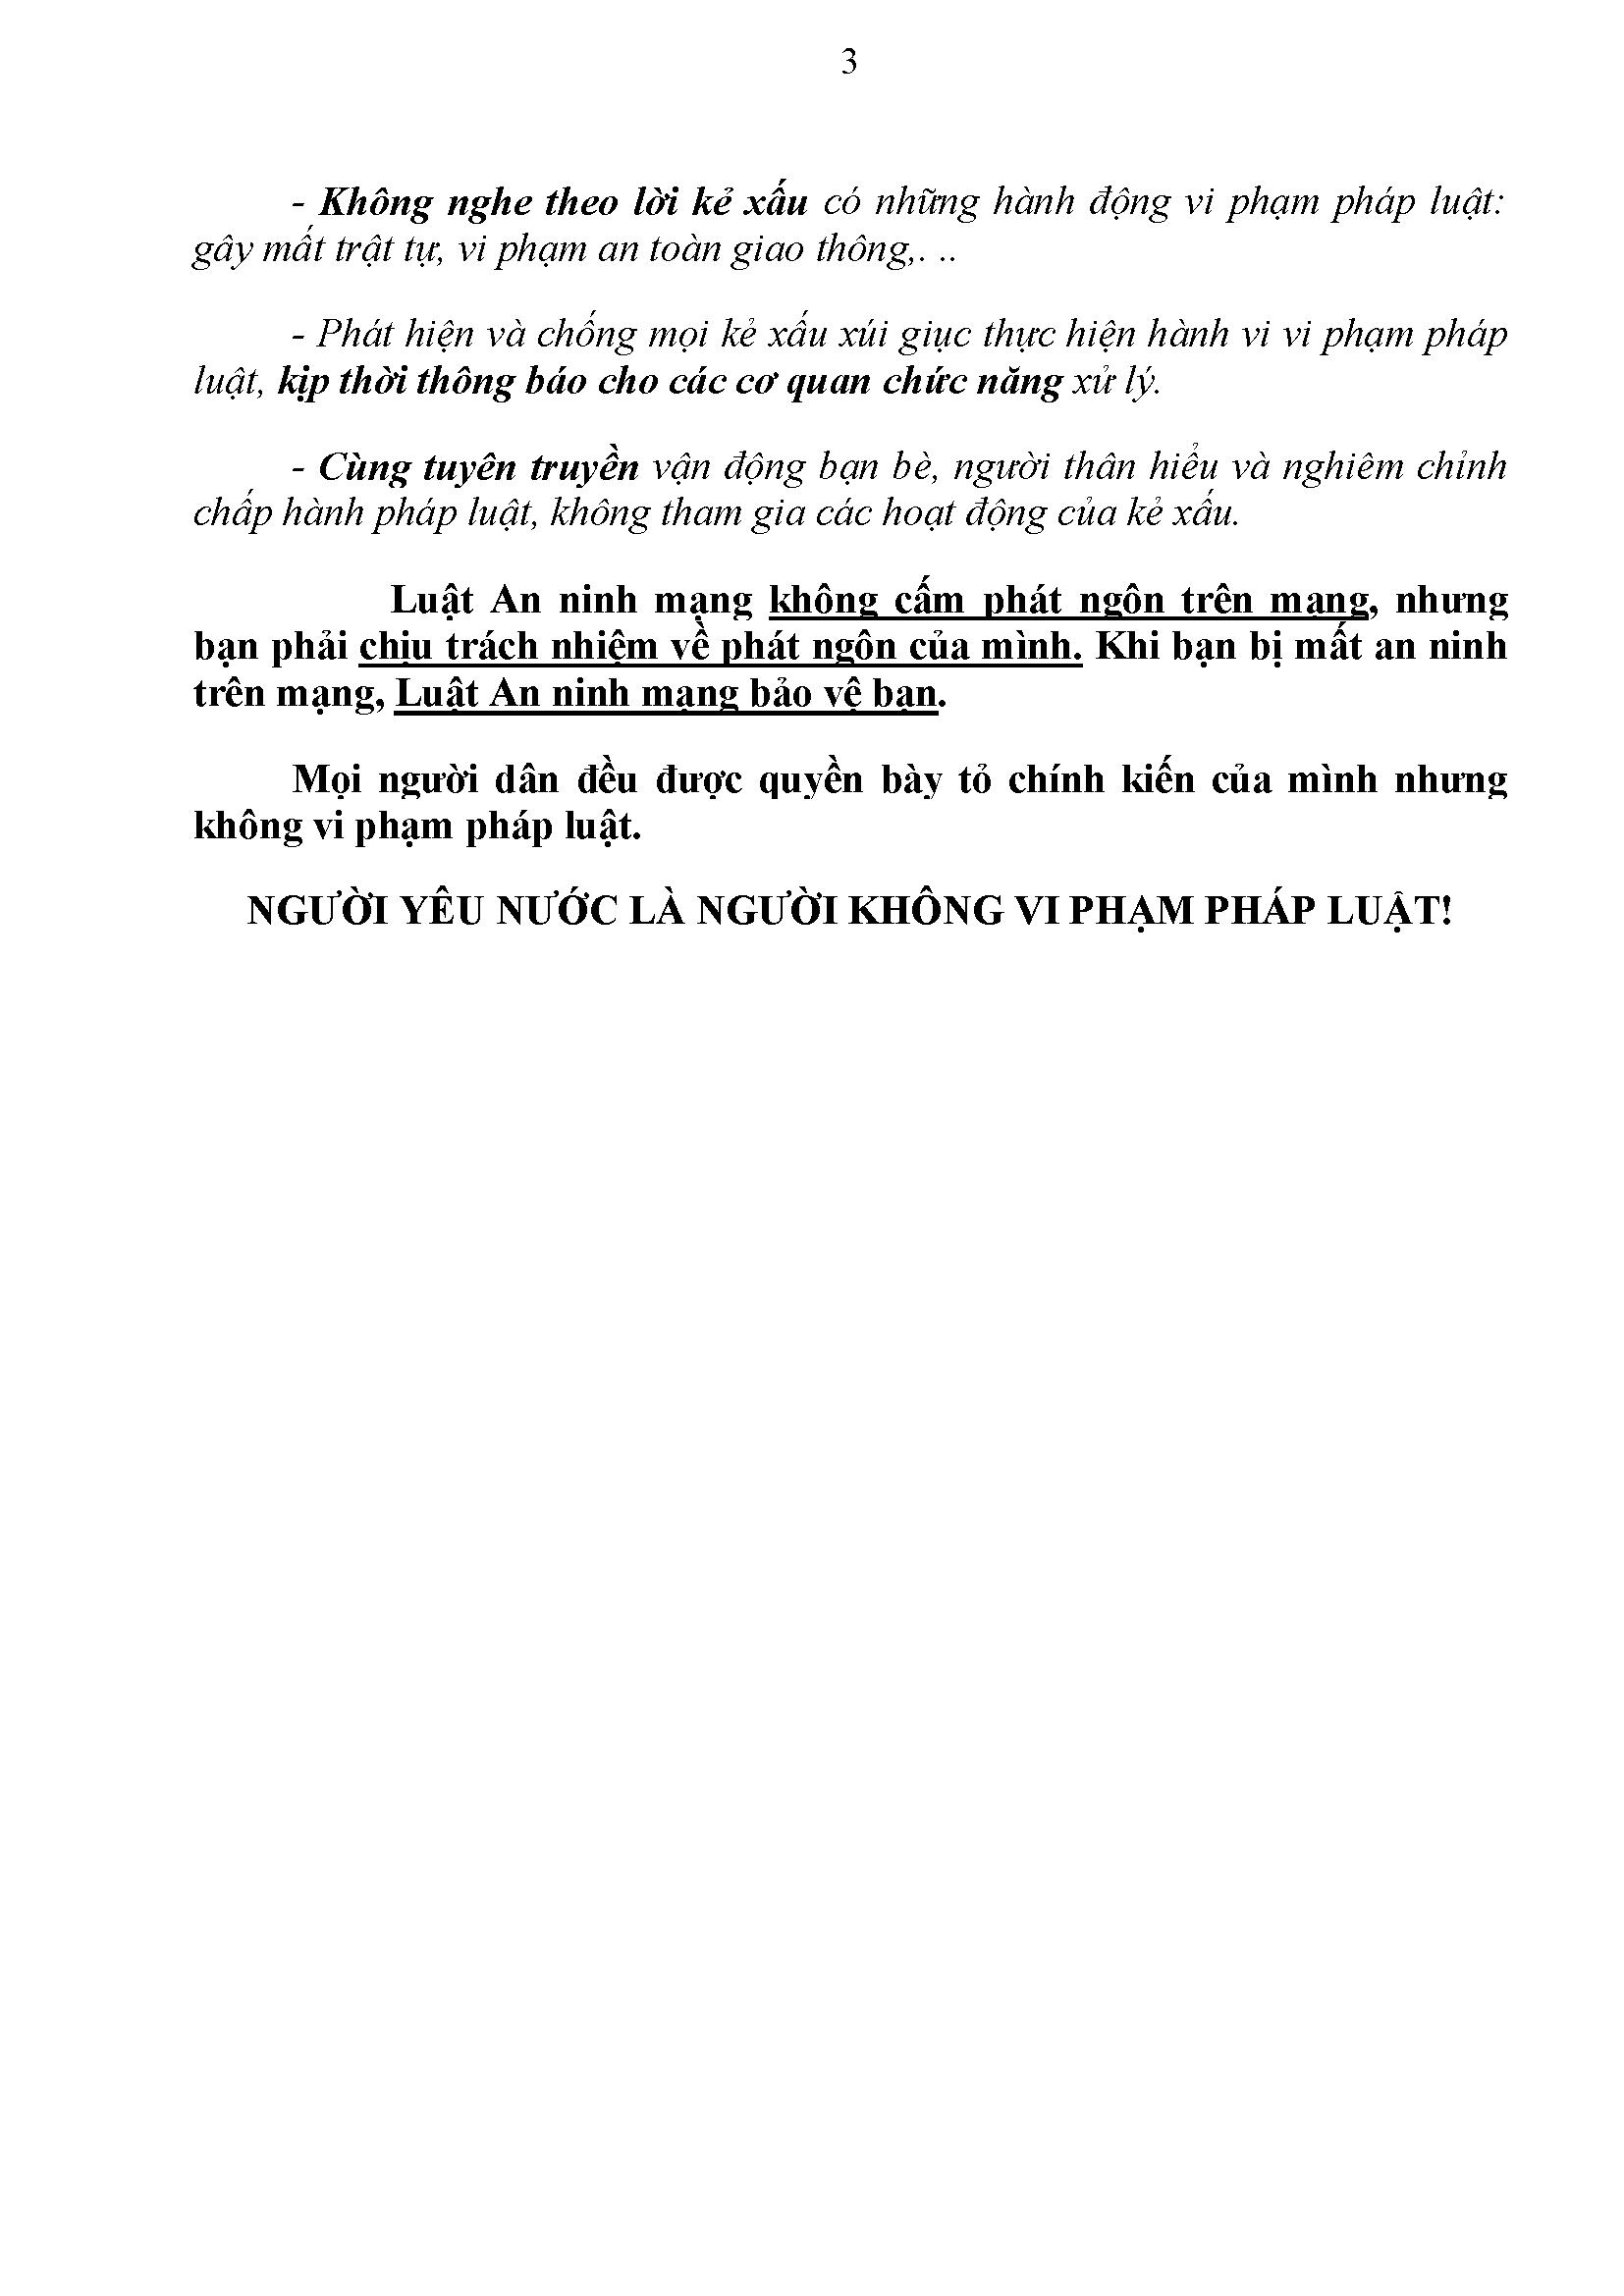 TAILIEUTUYENTRUYENSHCHIBO_Page_3